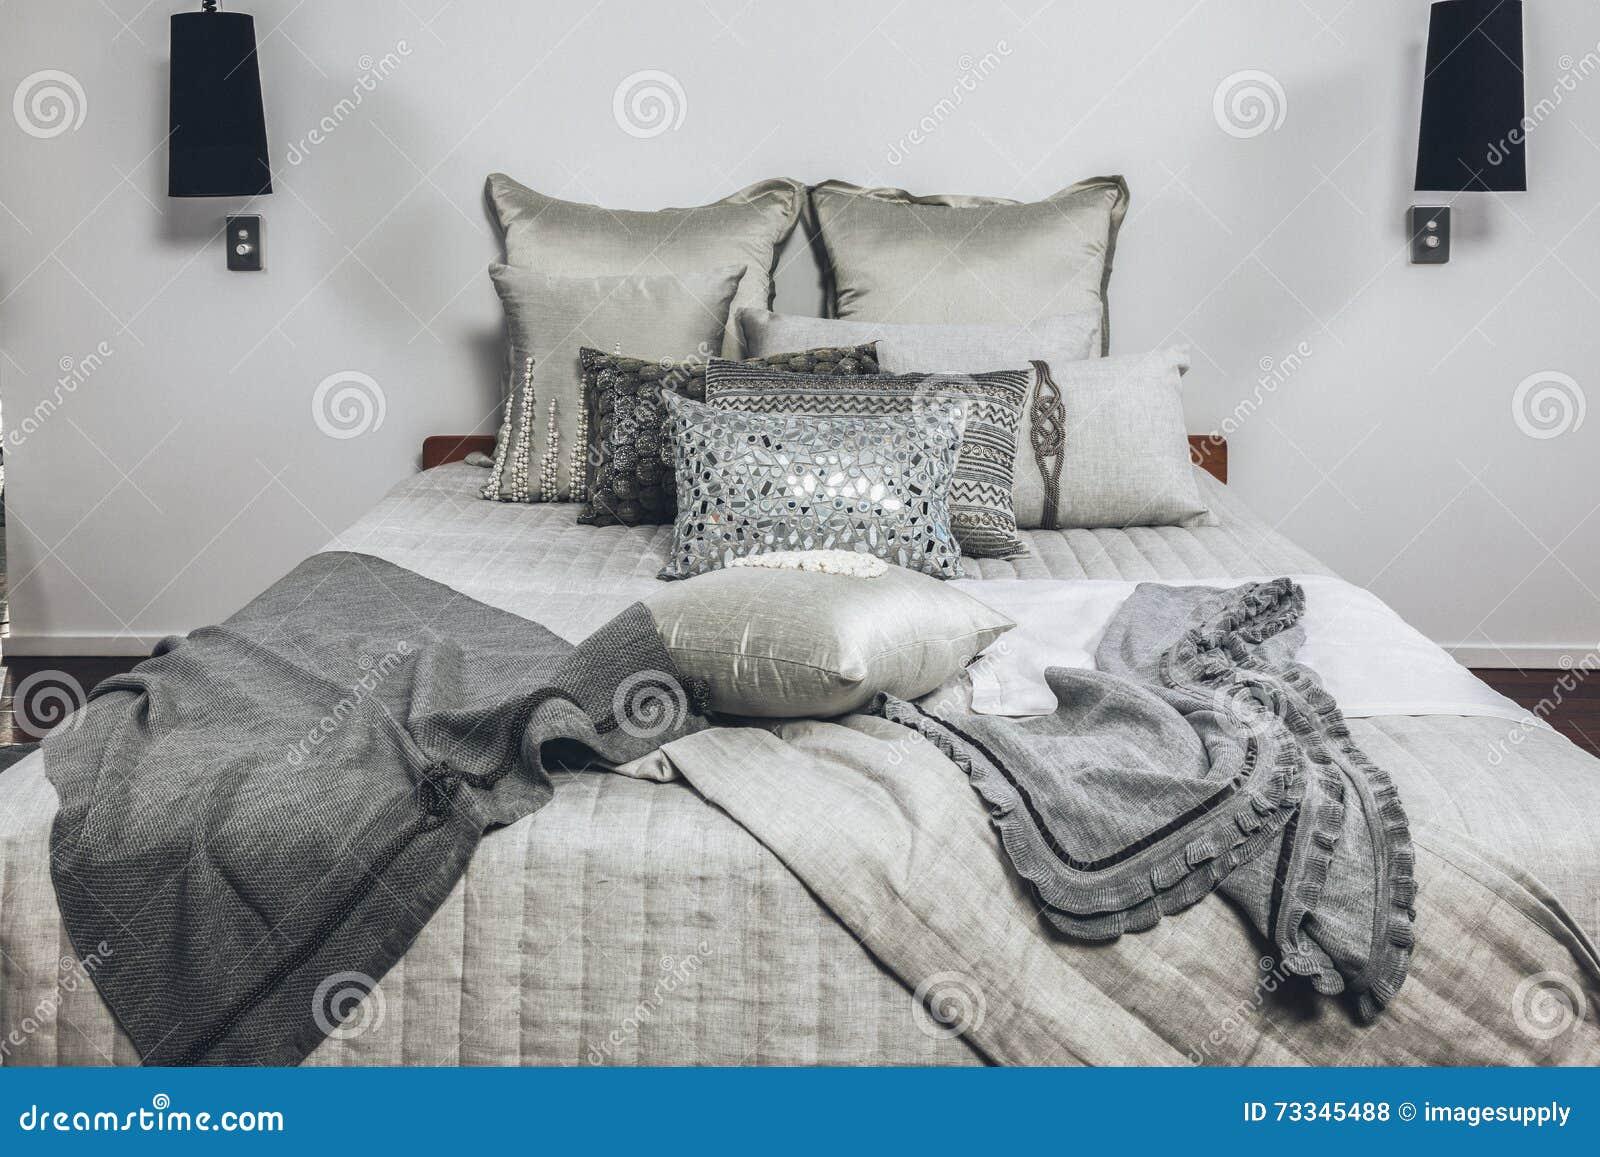 https://thumbs.dreamstime.com/z/slaapkamer-modern-huis-met-kussens-73345488.jpg